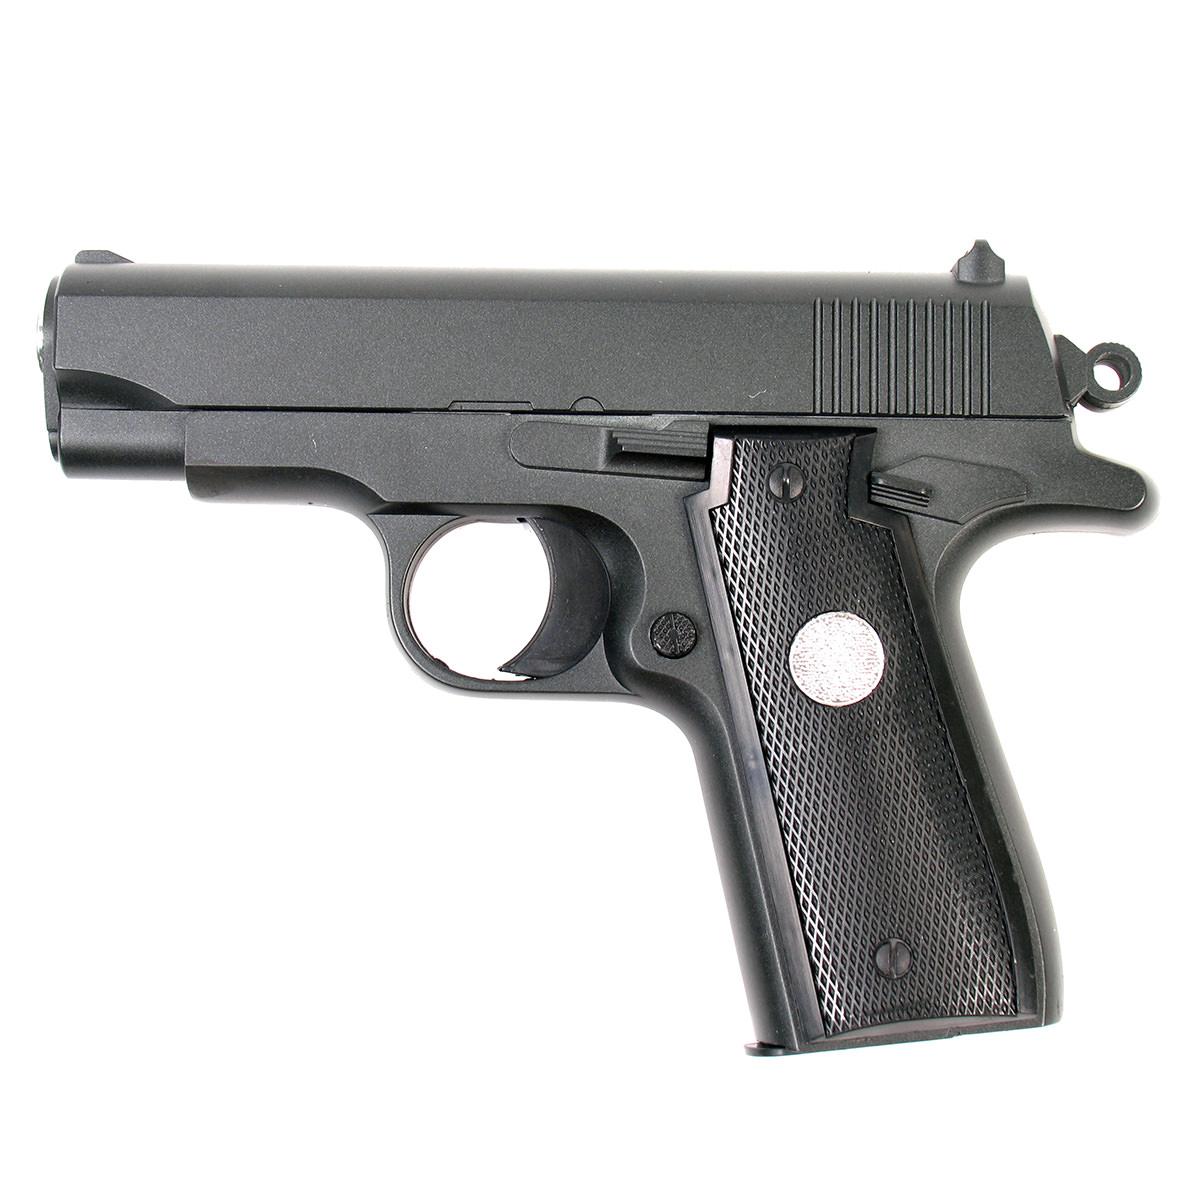 Пистолет страйкбольный Galaxy G.2, пружинный, 6 мм страйкбольный пистолет galaxy g 19 walther p99